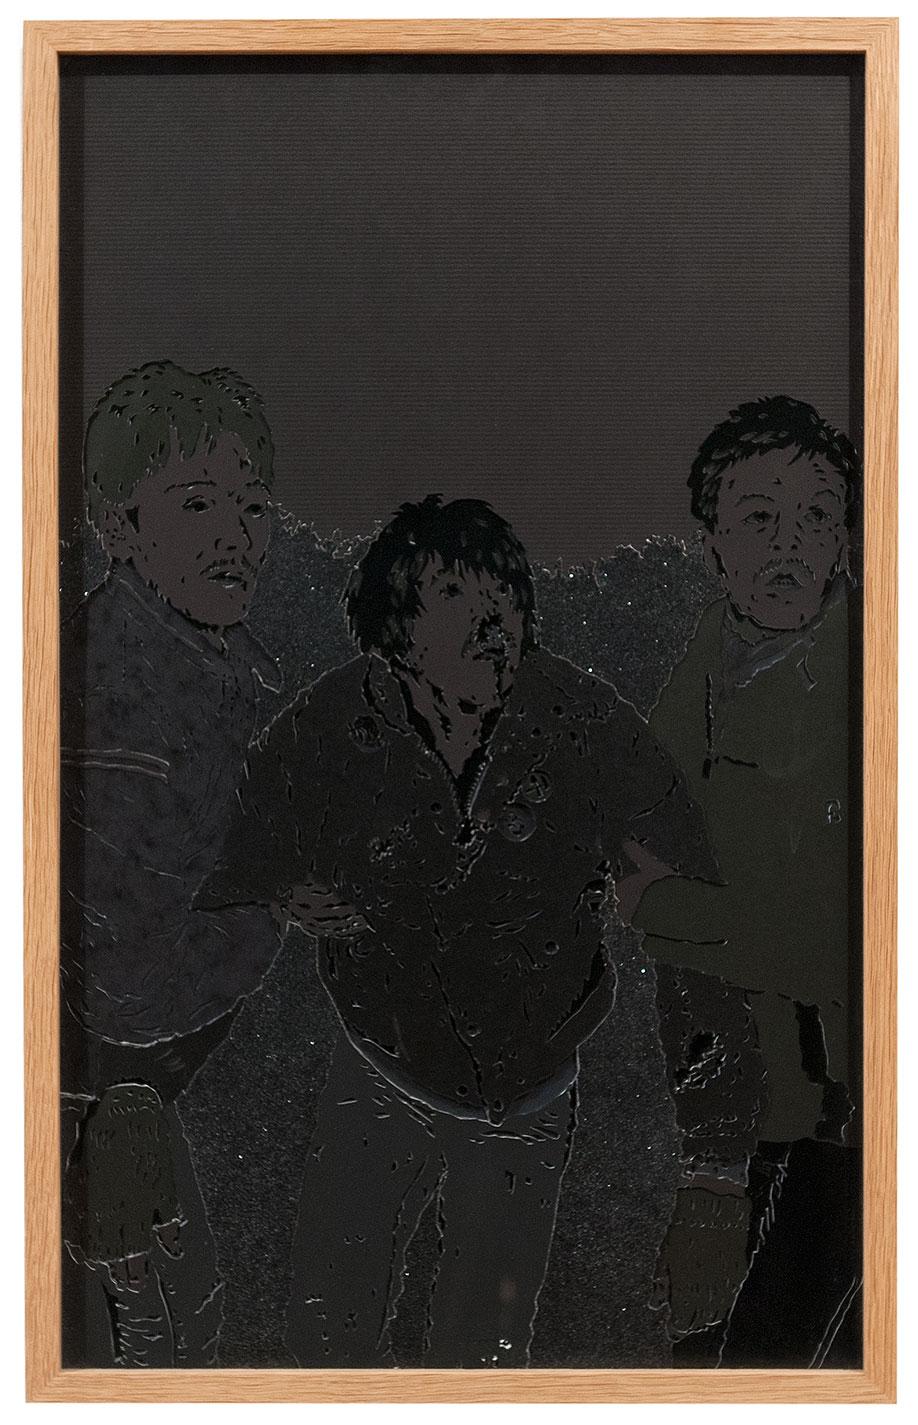 <b>Title:</b>Black Stuff<br /><b>Year:</b>2011<br /><b>Medium:</b>Paper collage<br /><b>Size:</b>42 x 66.1 cm